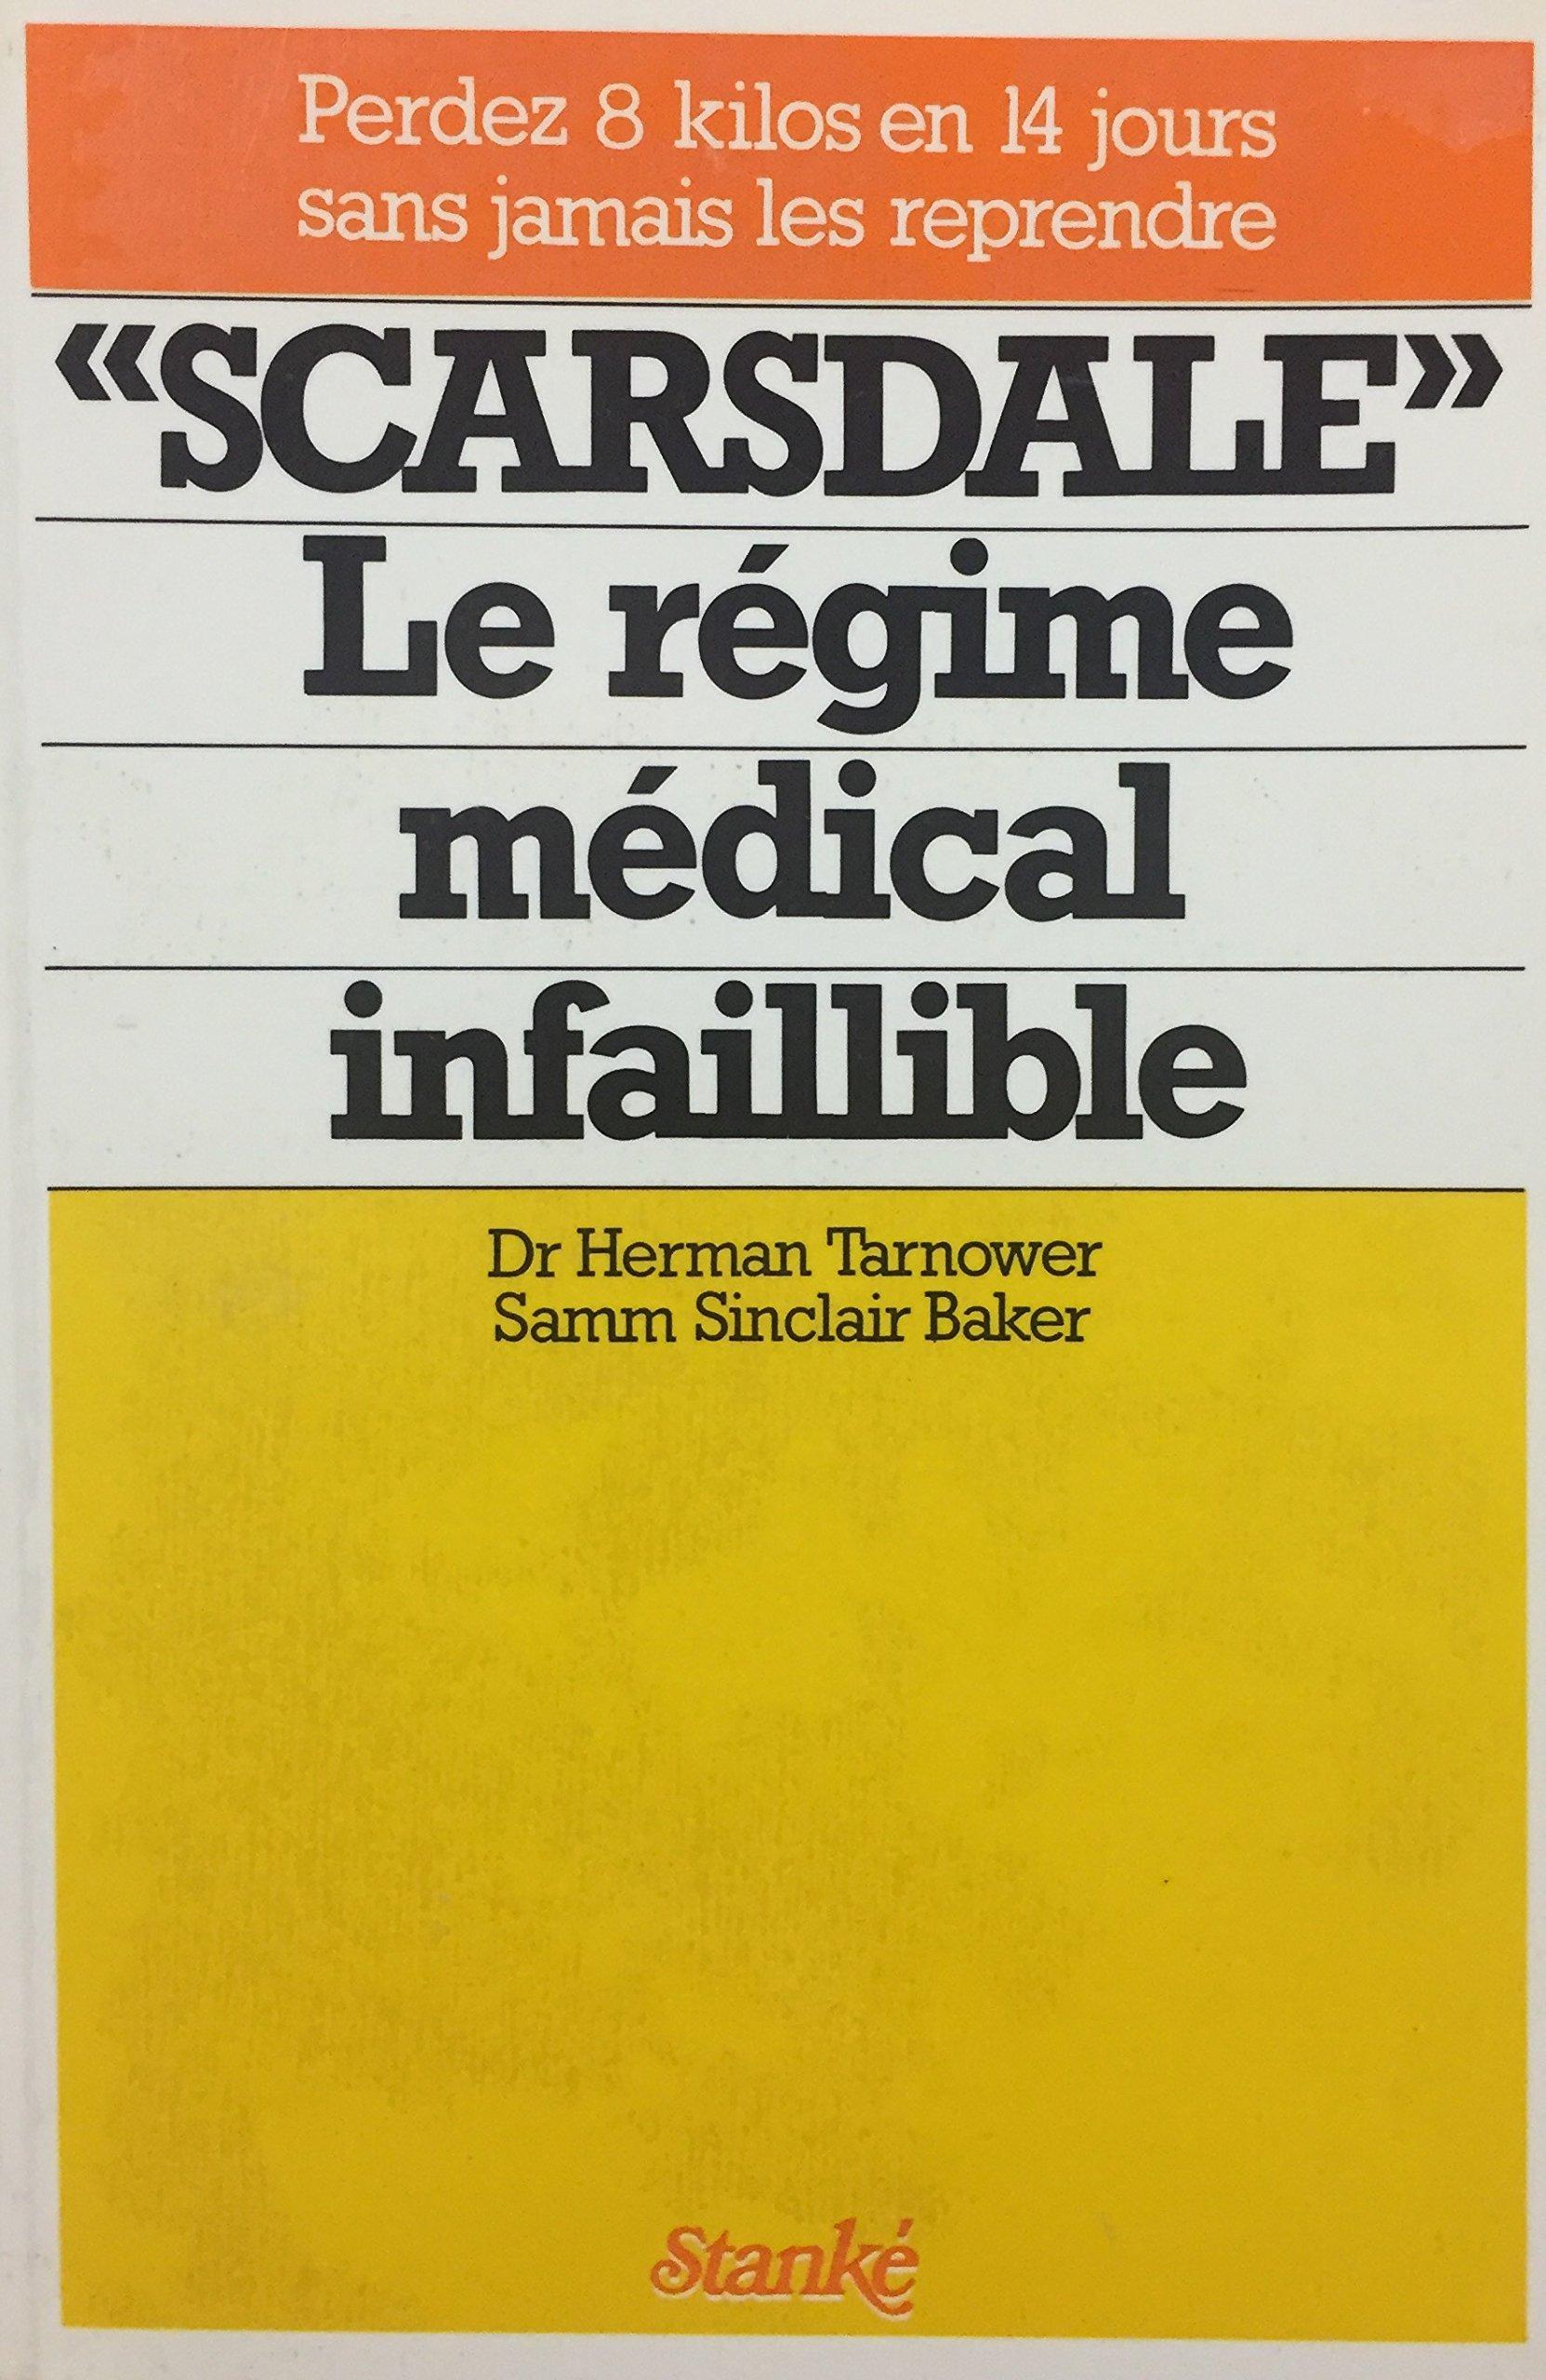 régime scarsdale